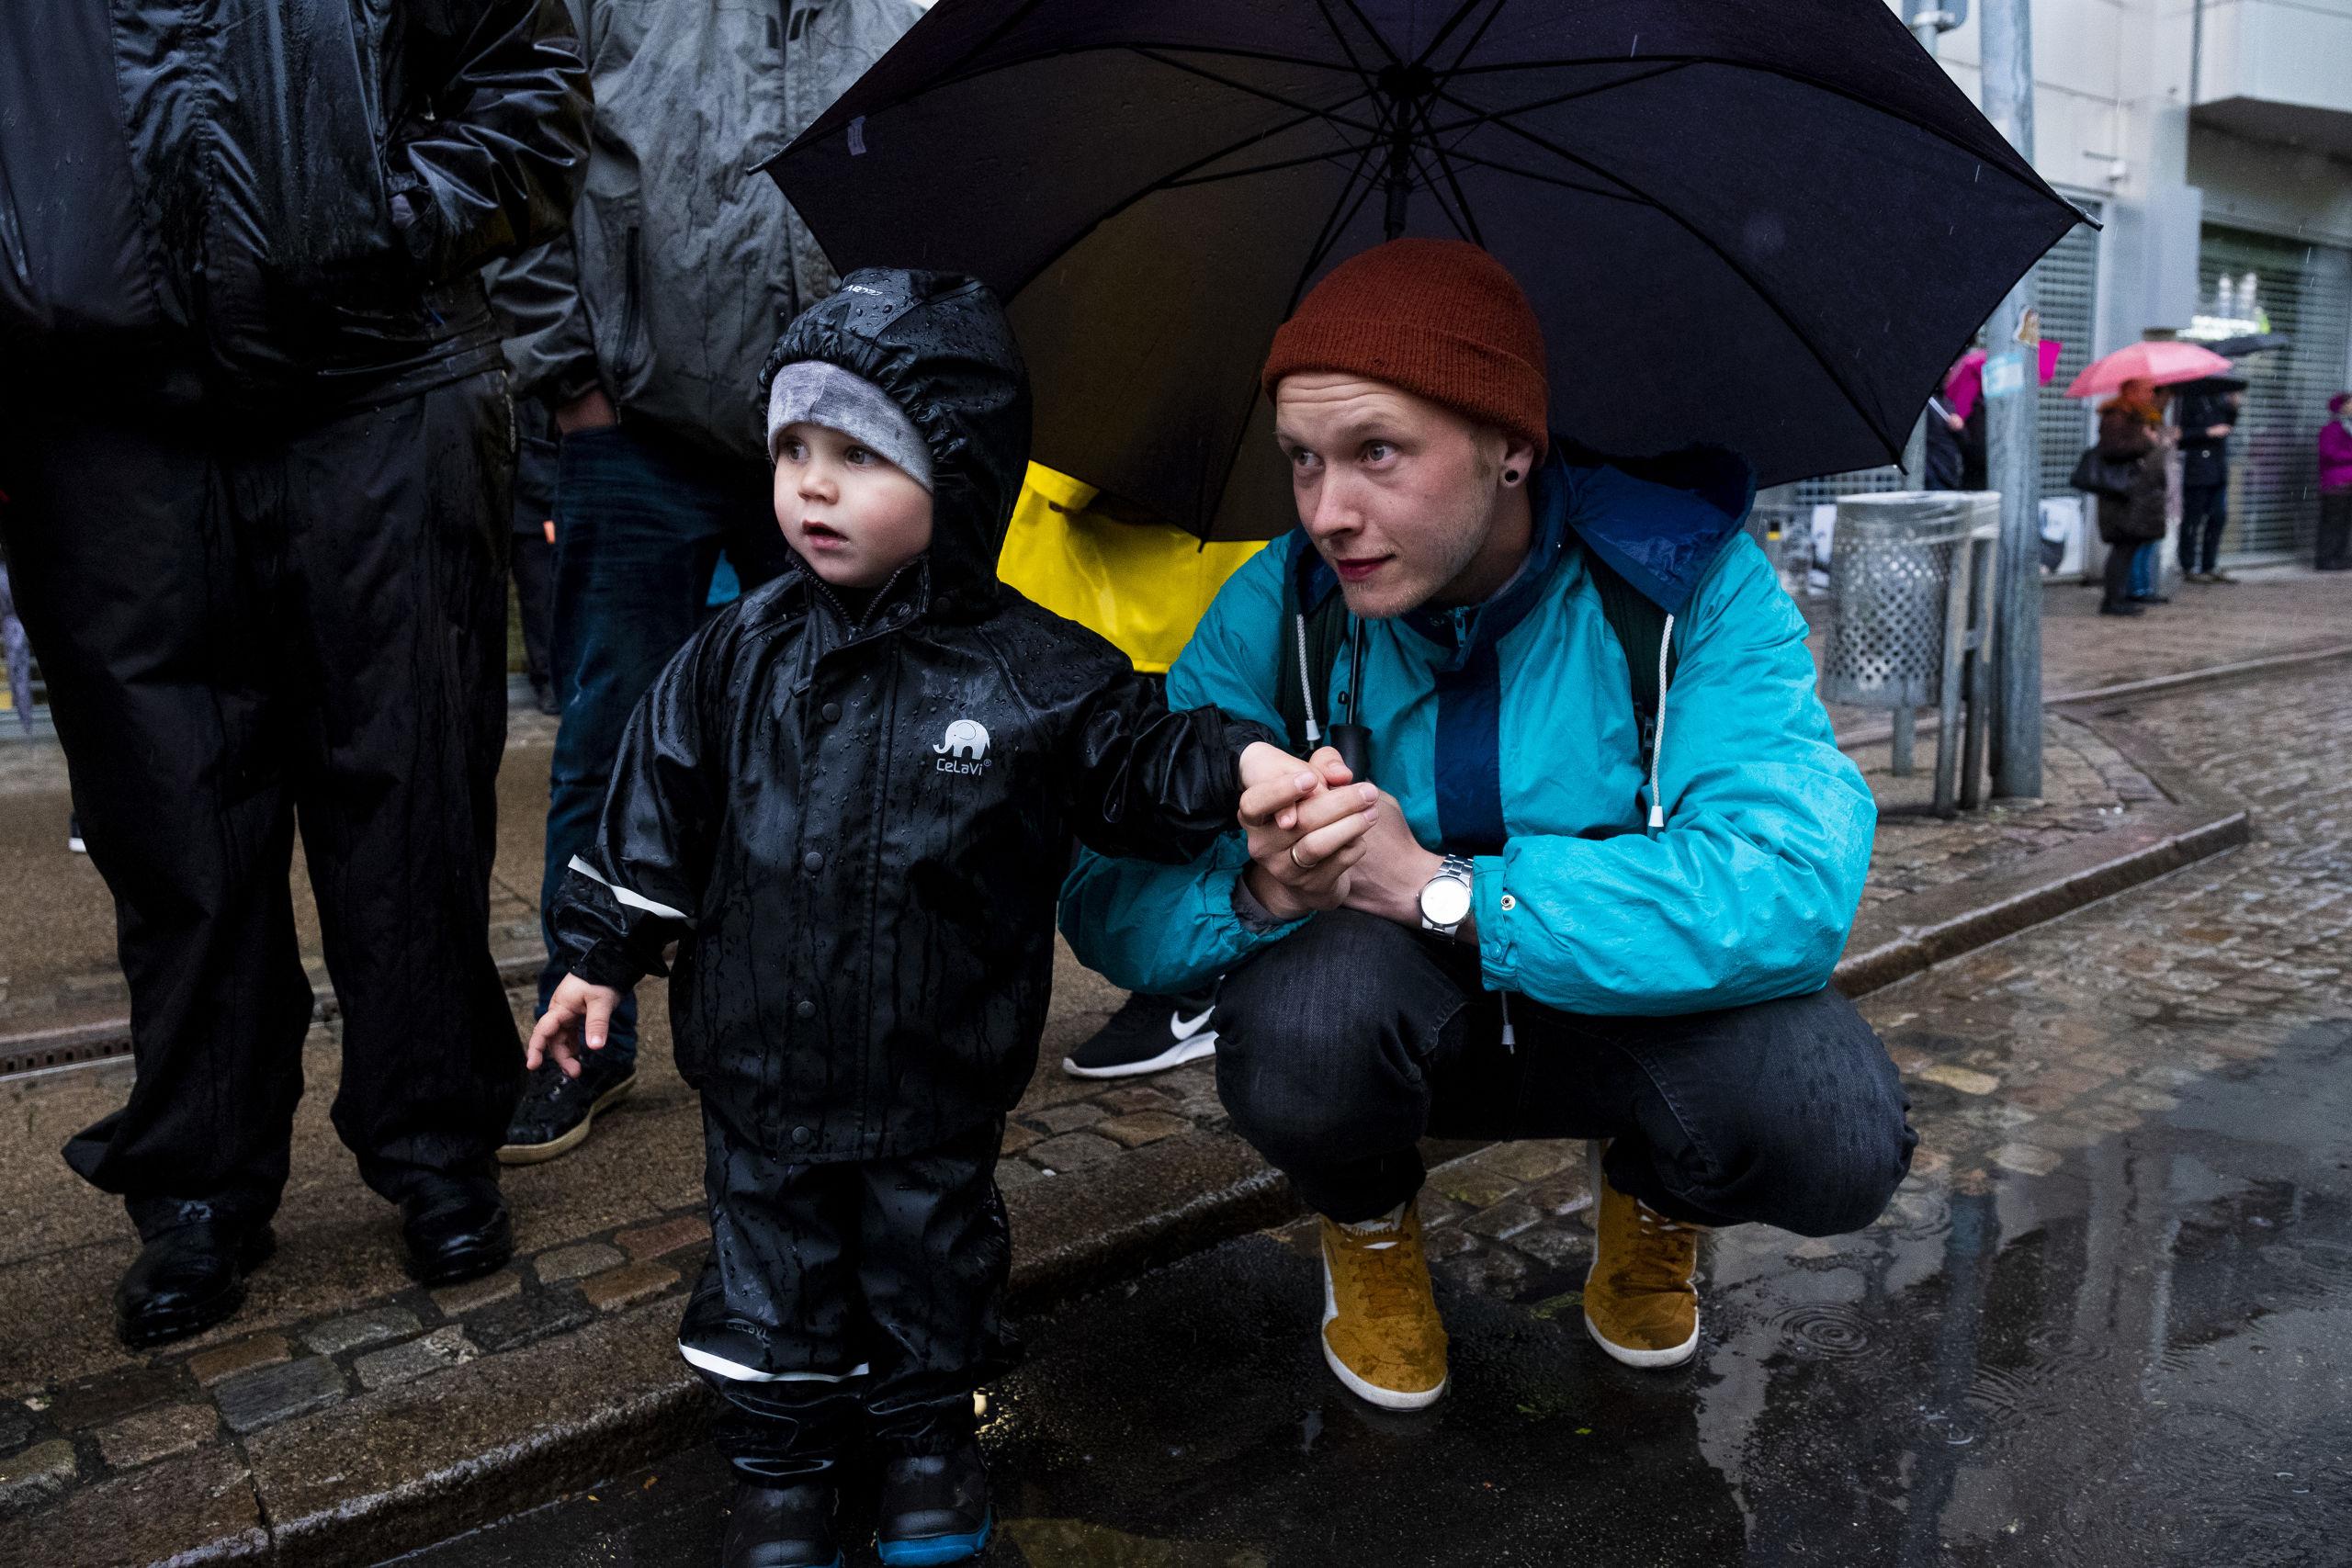 Små som store studerede ivrigt optoget - allerede lørdag går det igen løs med blandt andet børnekarneval. Foto: Lasse Sand